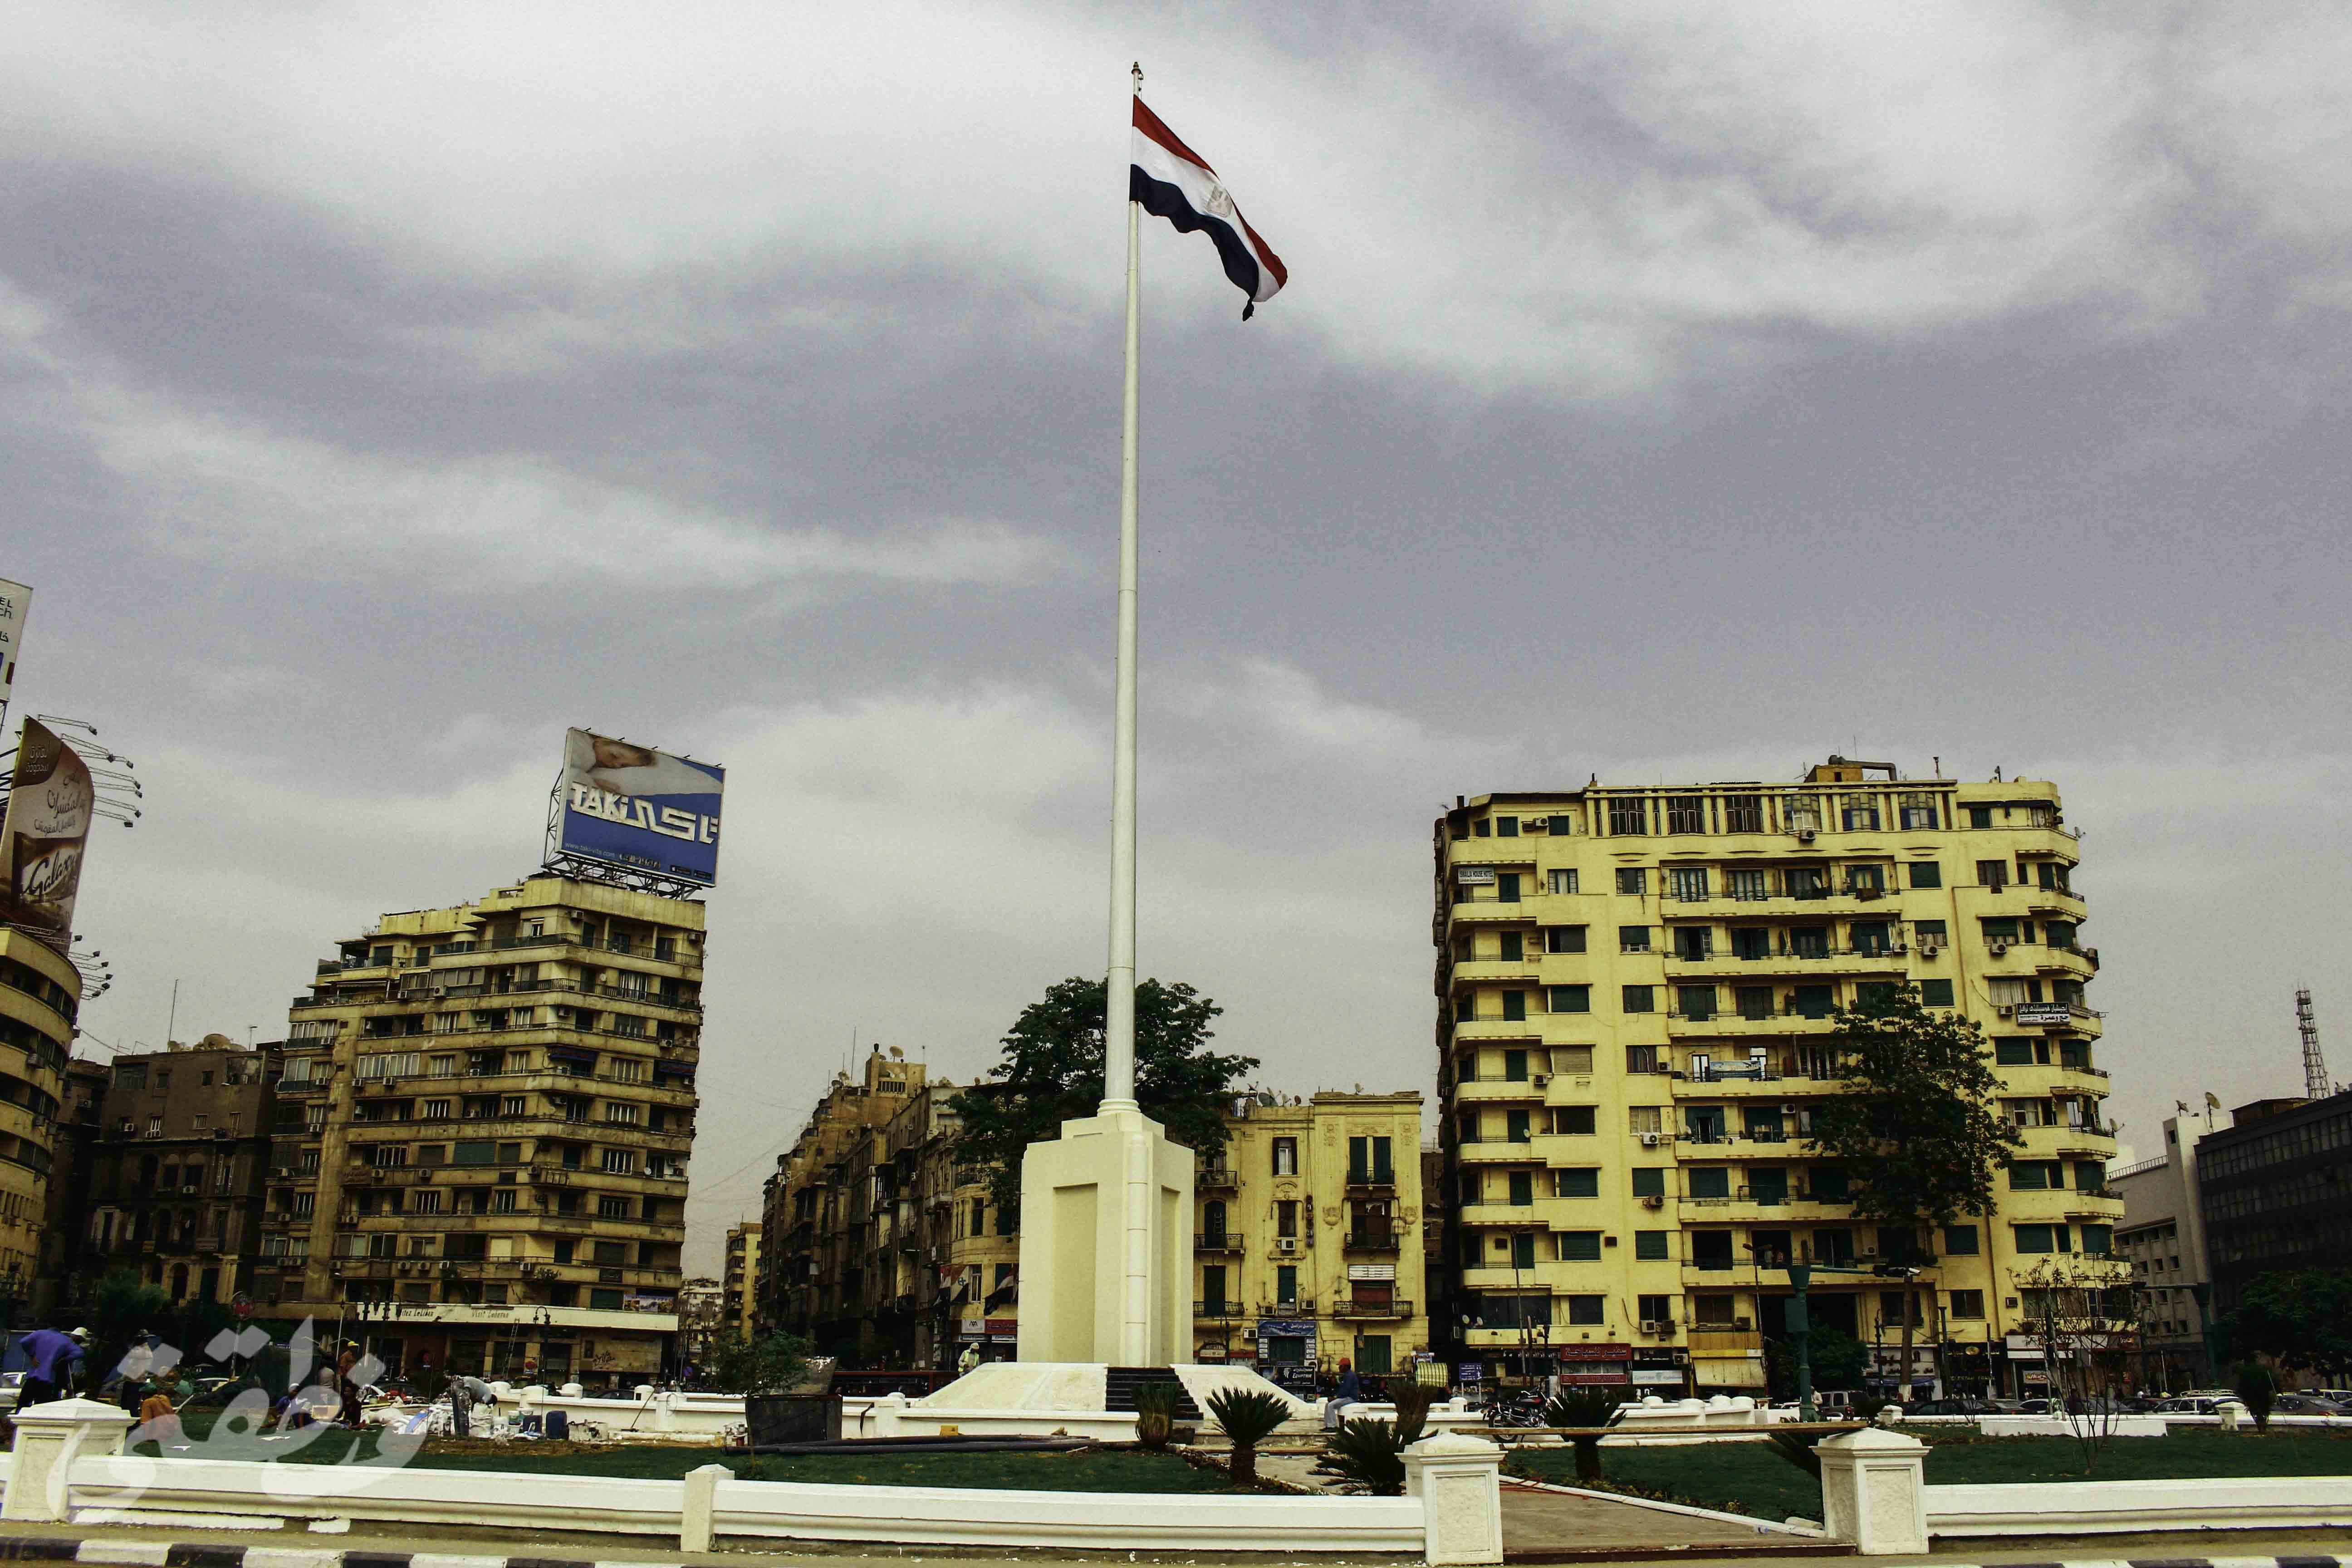 ساري علم مصر بميدان التحرير - تصوير: صديق البخشونجي